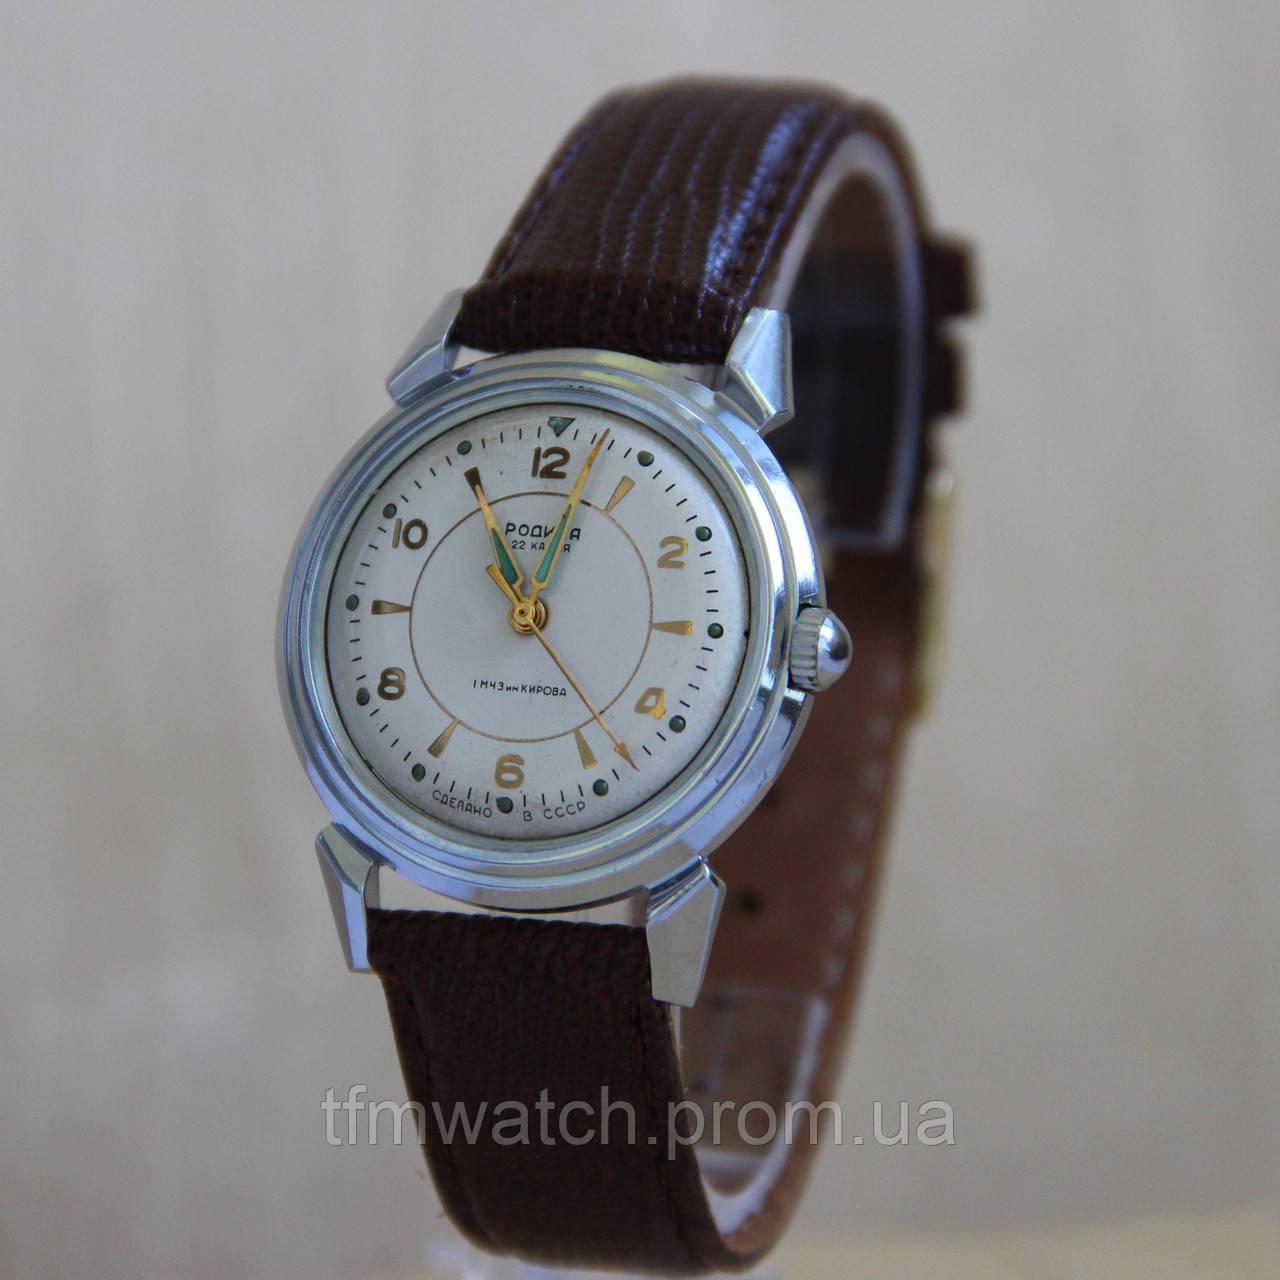 Магазин наручных часов киров песочные часы купить астана